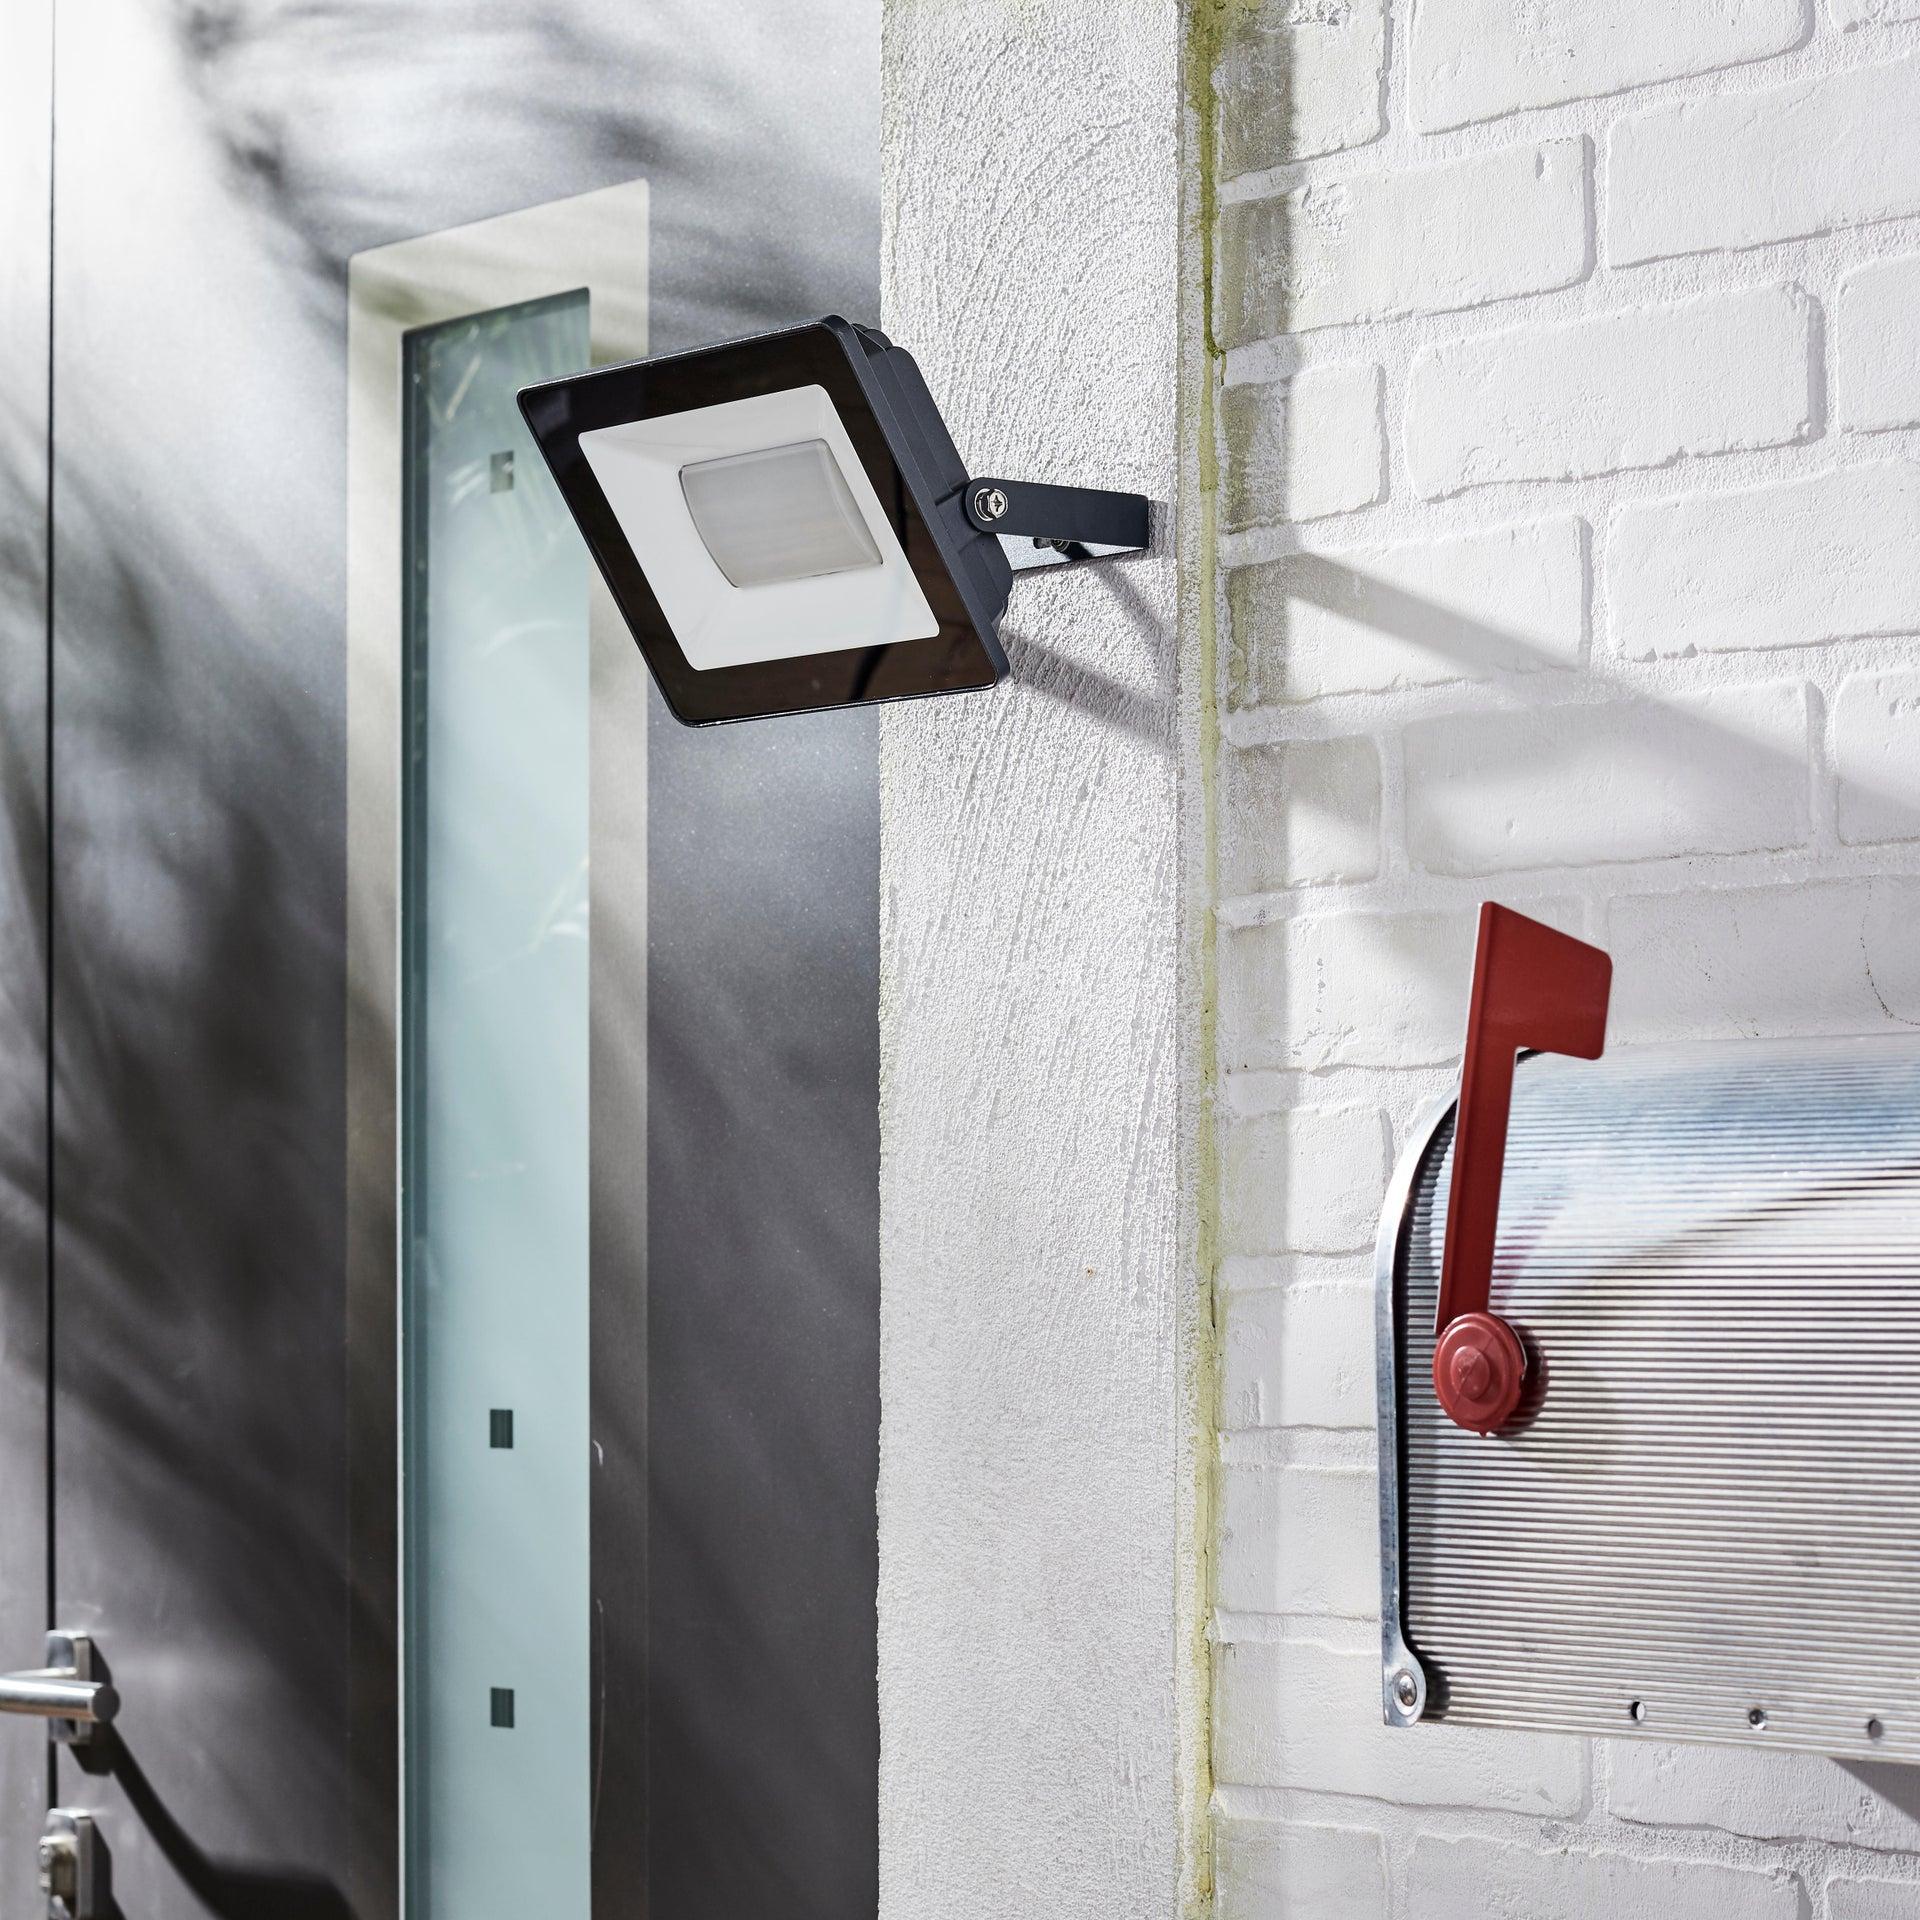 Proiettore LED integrato Yonkers in alluminio, antracite, 50W IP65 INSPIRE - 5